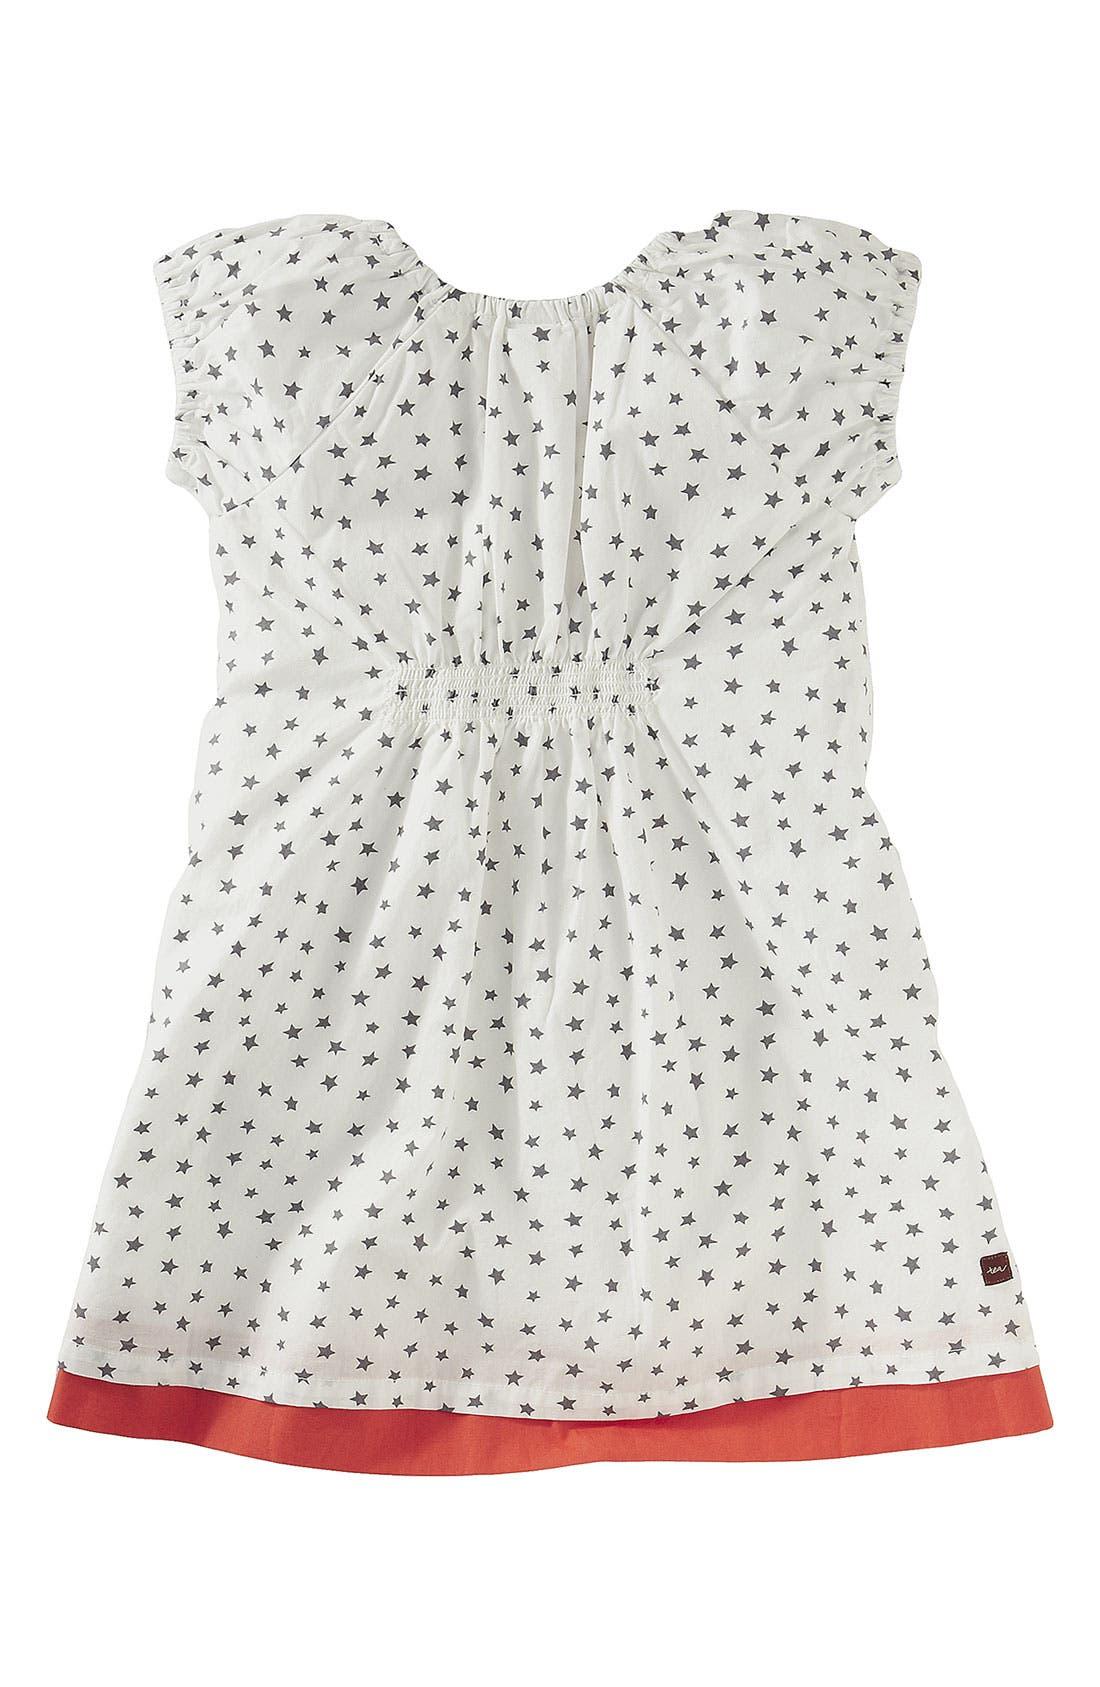 Alternate Image 2  - Tea Collection Smocked Dress (Infant)